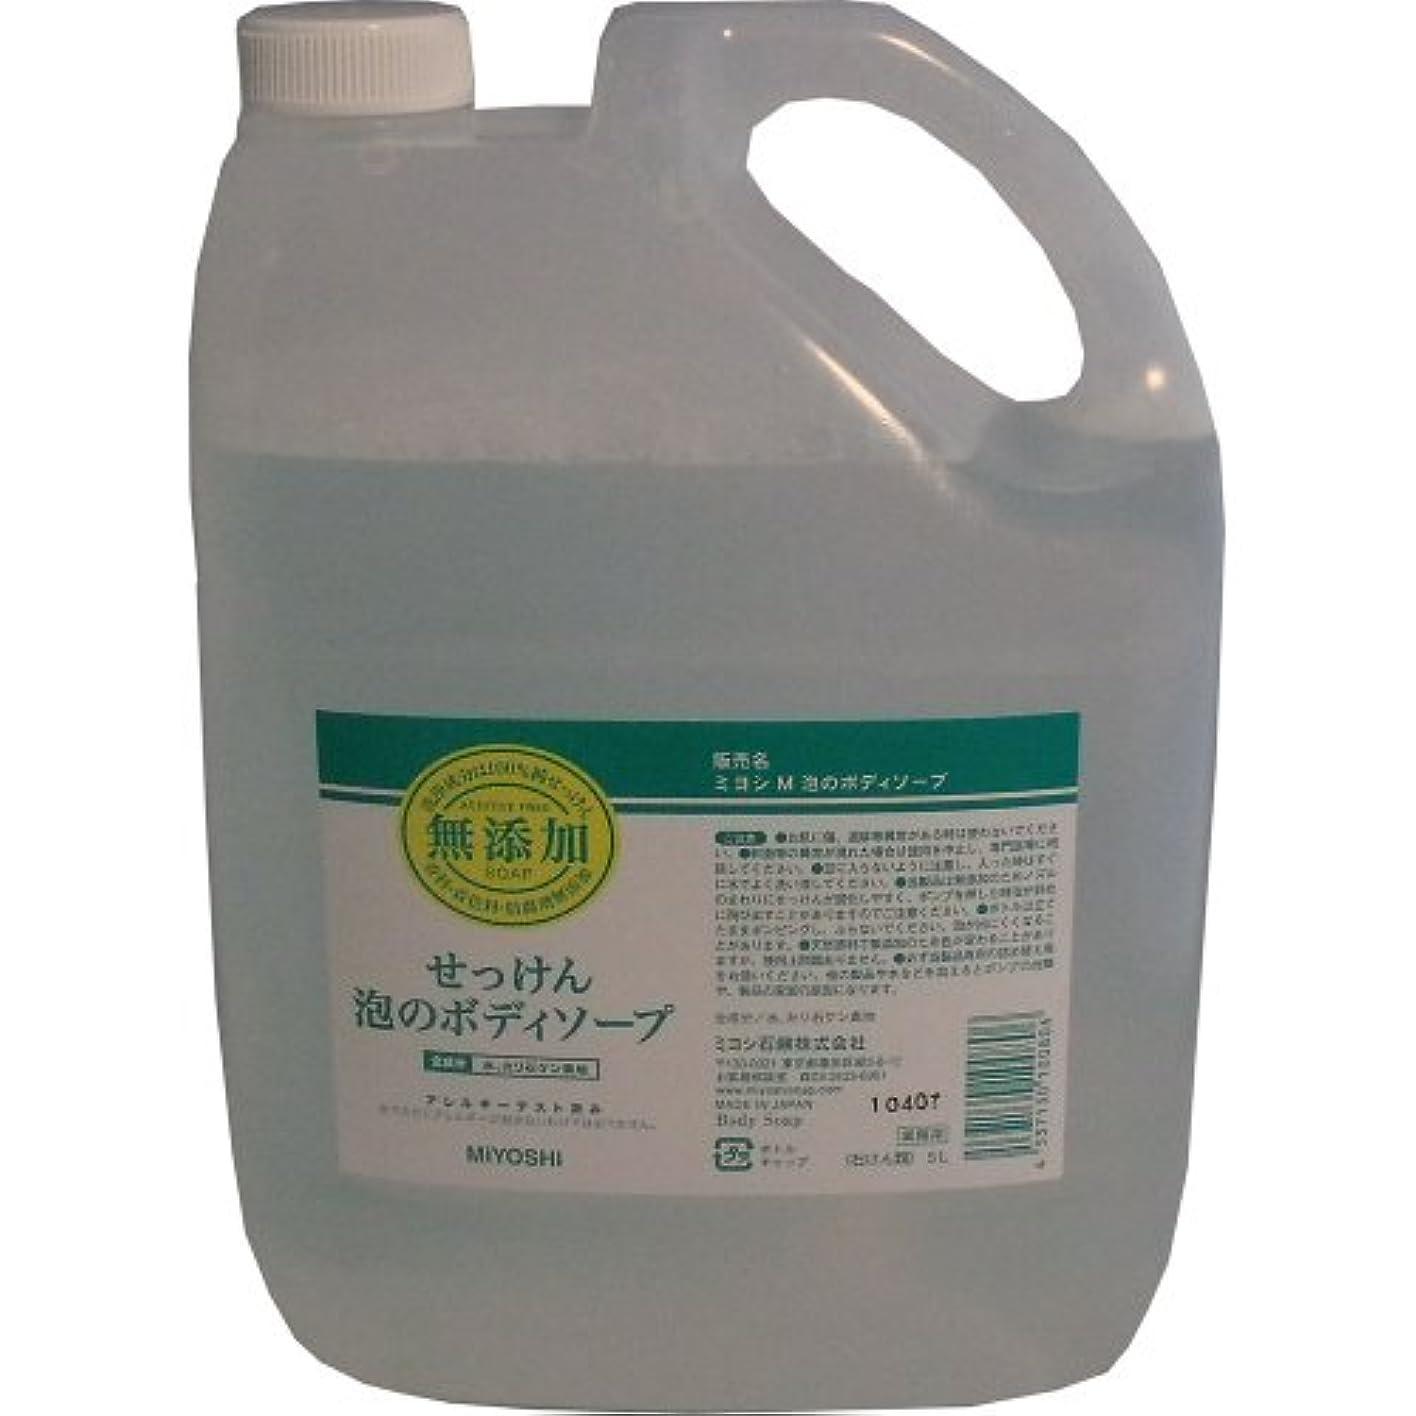 ストラトフォードオンエイボン彼らの敵意合成界面活性剤はもちろん、香料、防腐剤、着色料などは一切加えていません!無添加せっけん 業務用 泡のボディソープ 詰替用 5L【4個セット】